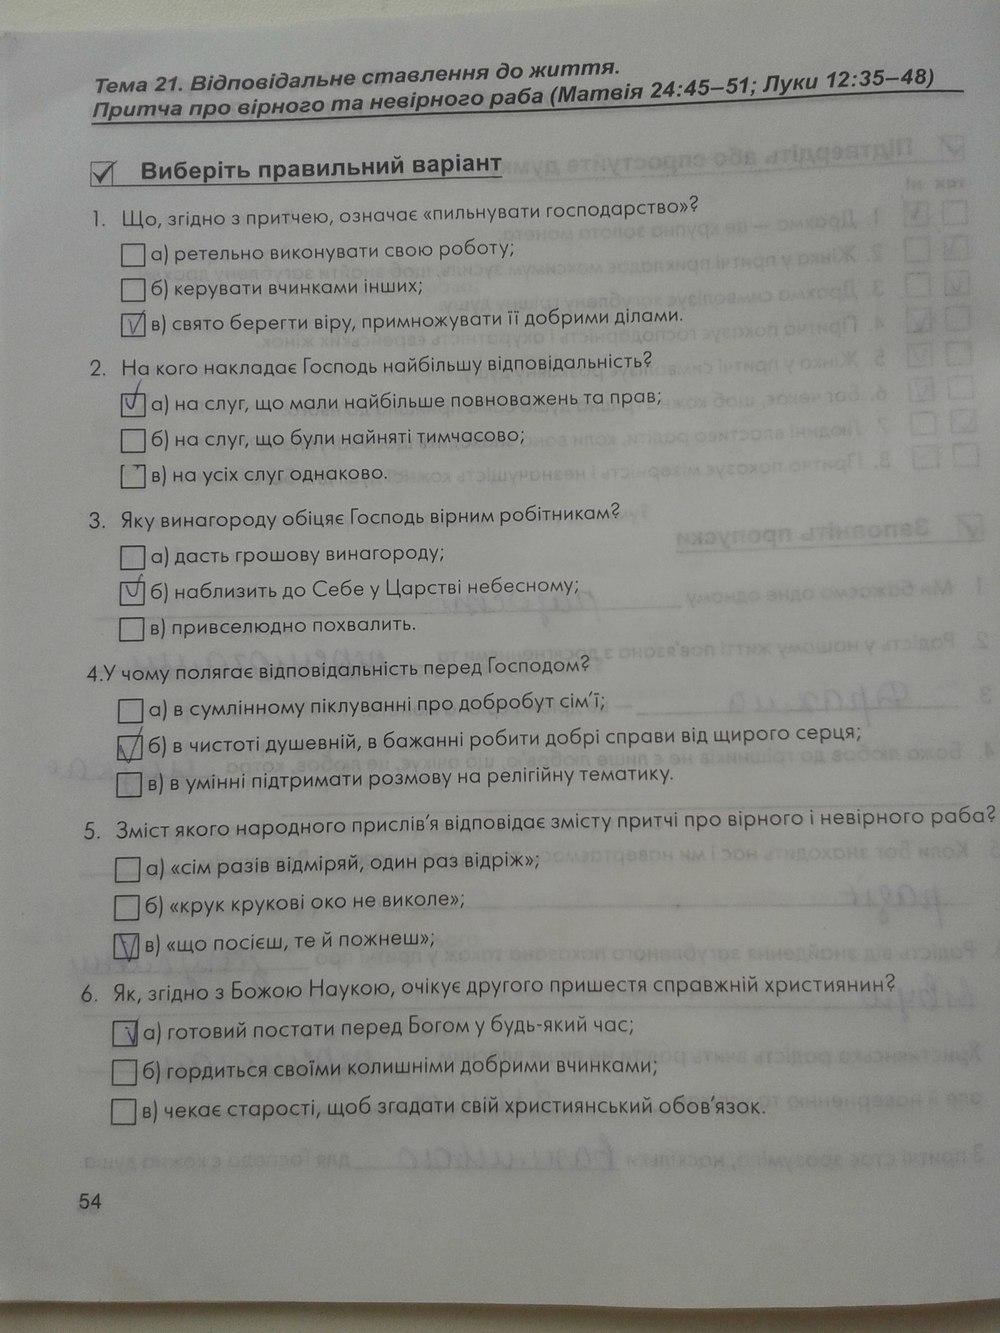 ГДЗ відповіді робочий зошит по этике 6 класс Г.О. Кізілова. Задание: стр. 54